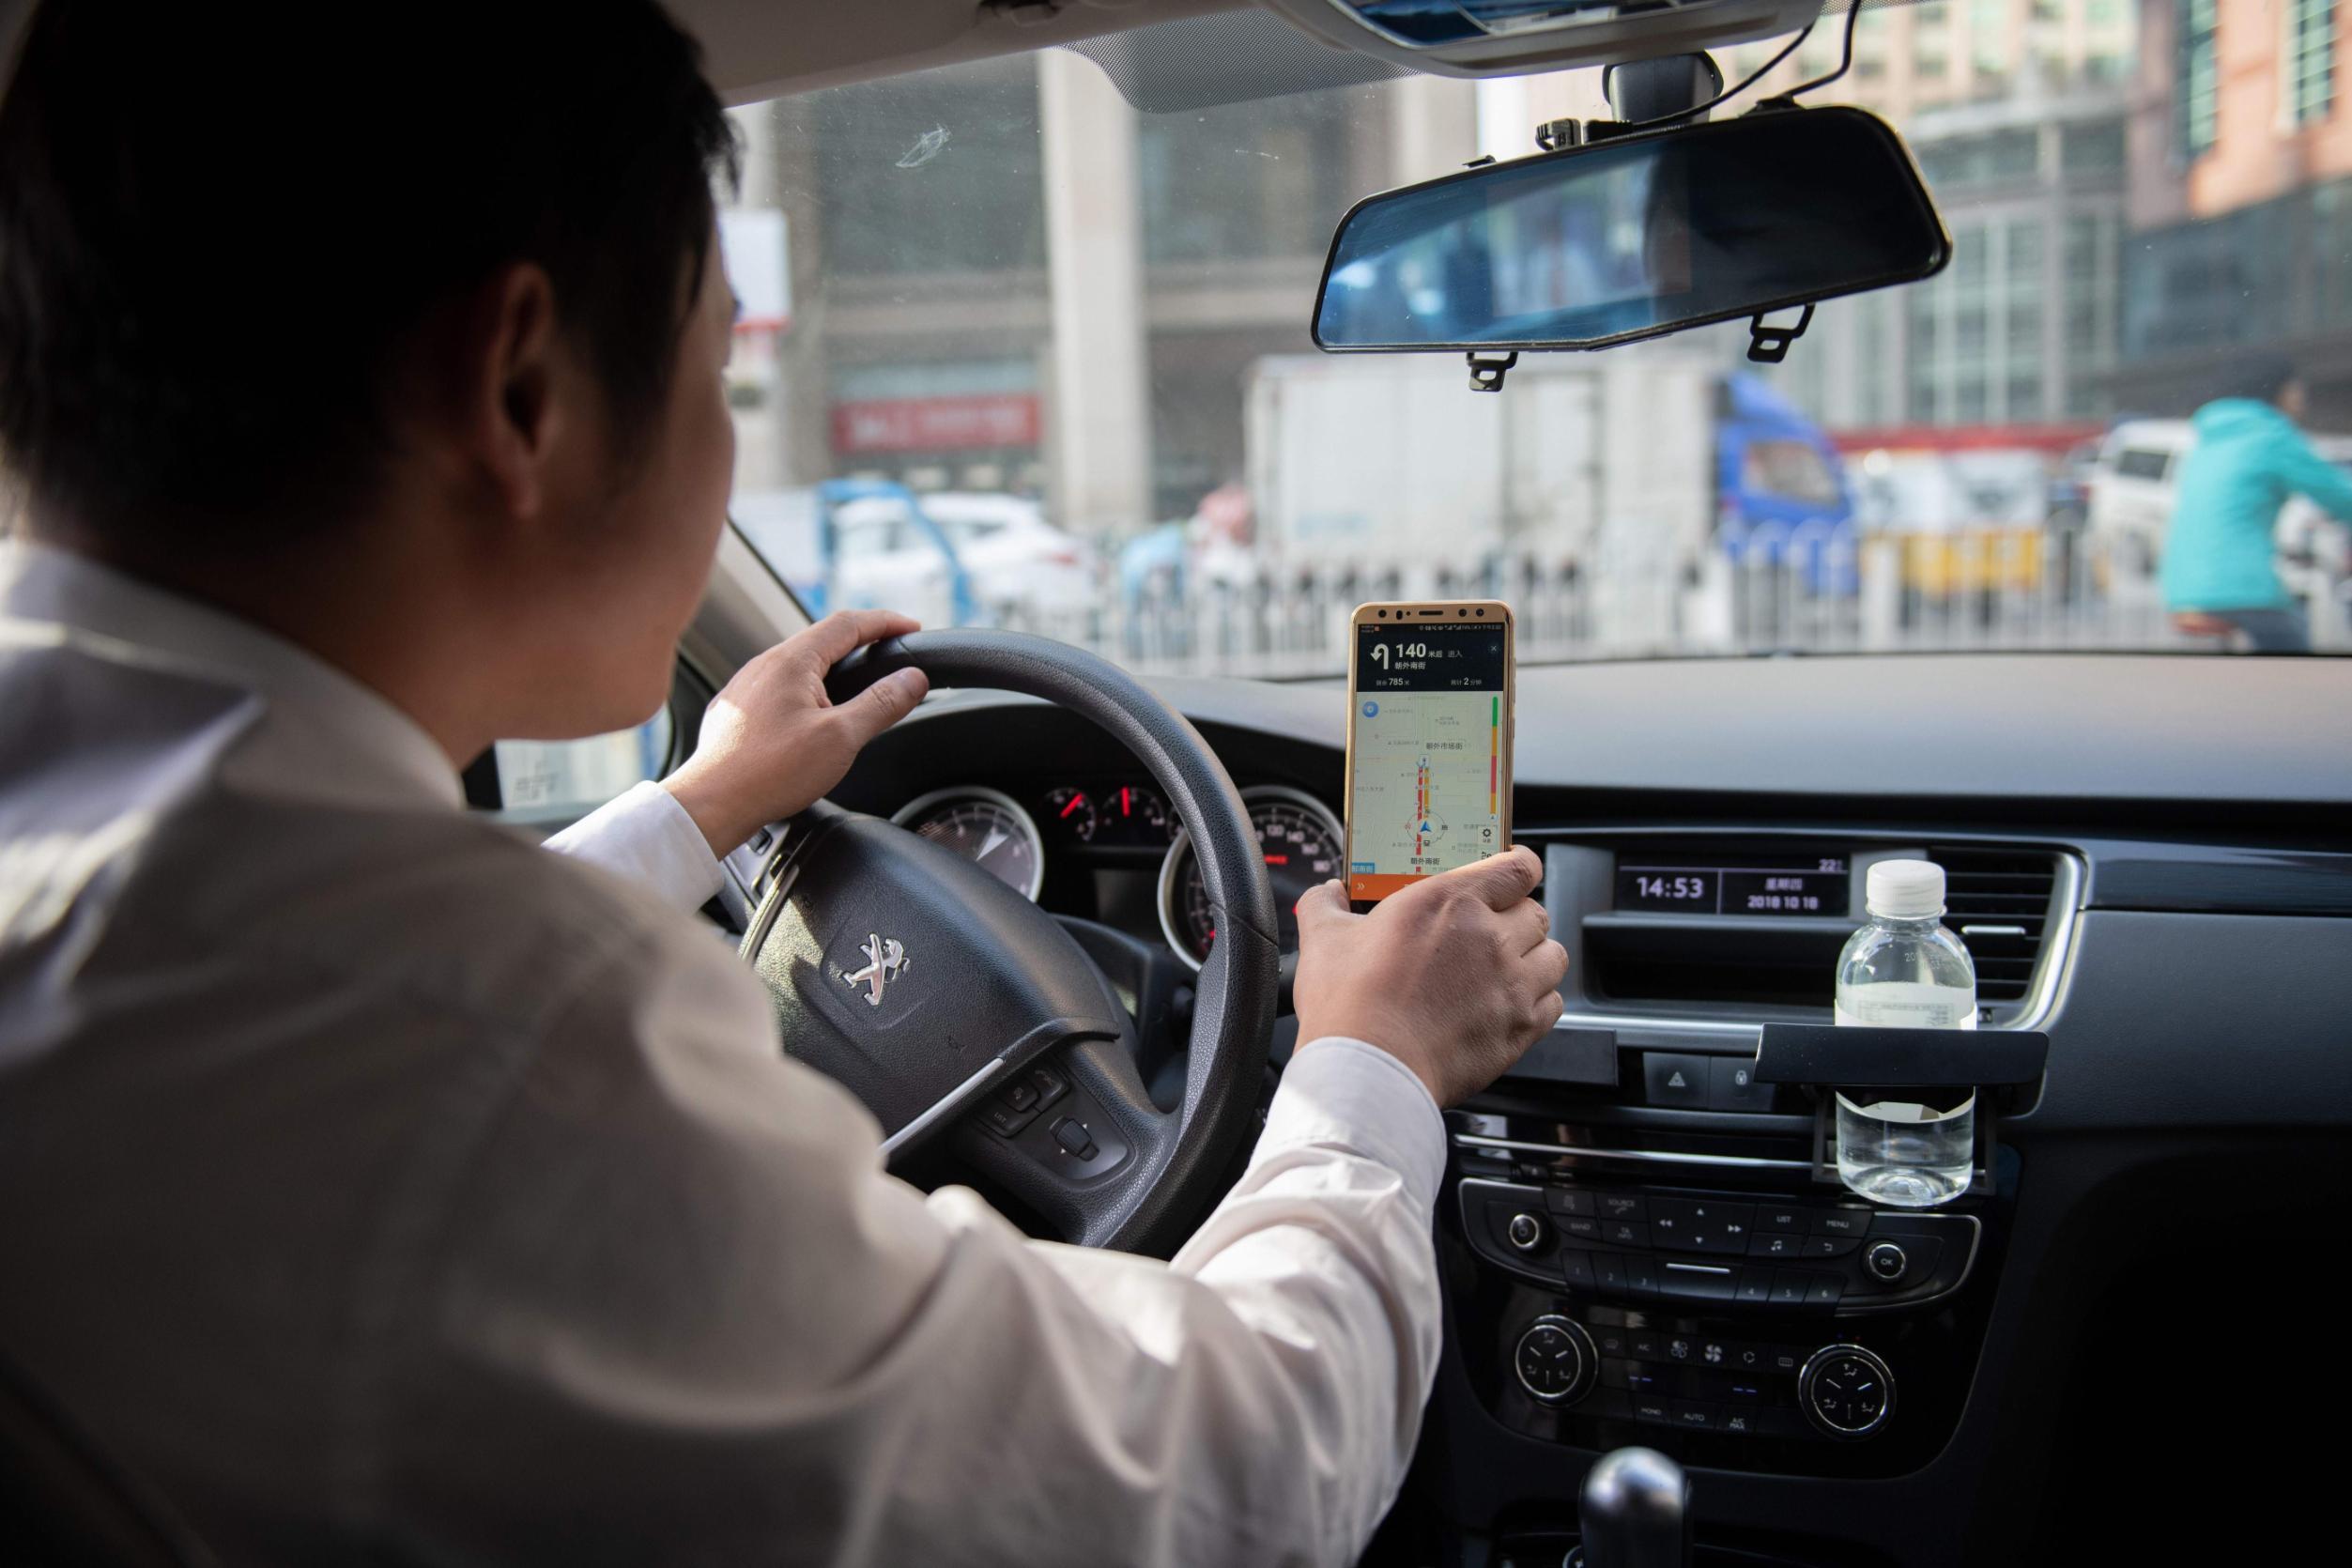 Didi Chuxing, plateforme chinoise de VTC, contrôle environ 90 % du marché des courses partagées en Chine. (Source : CNN)